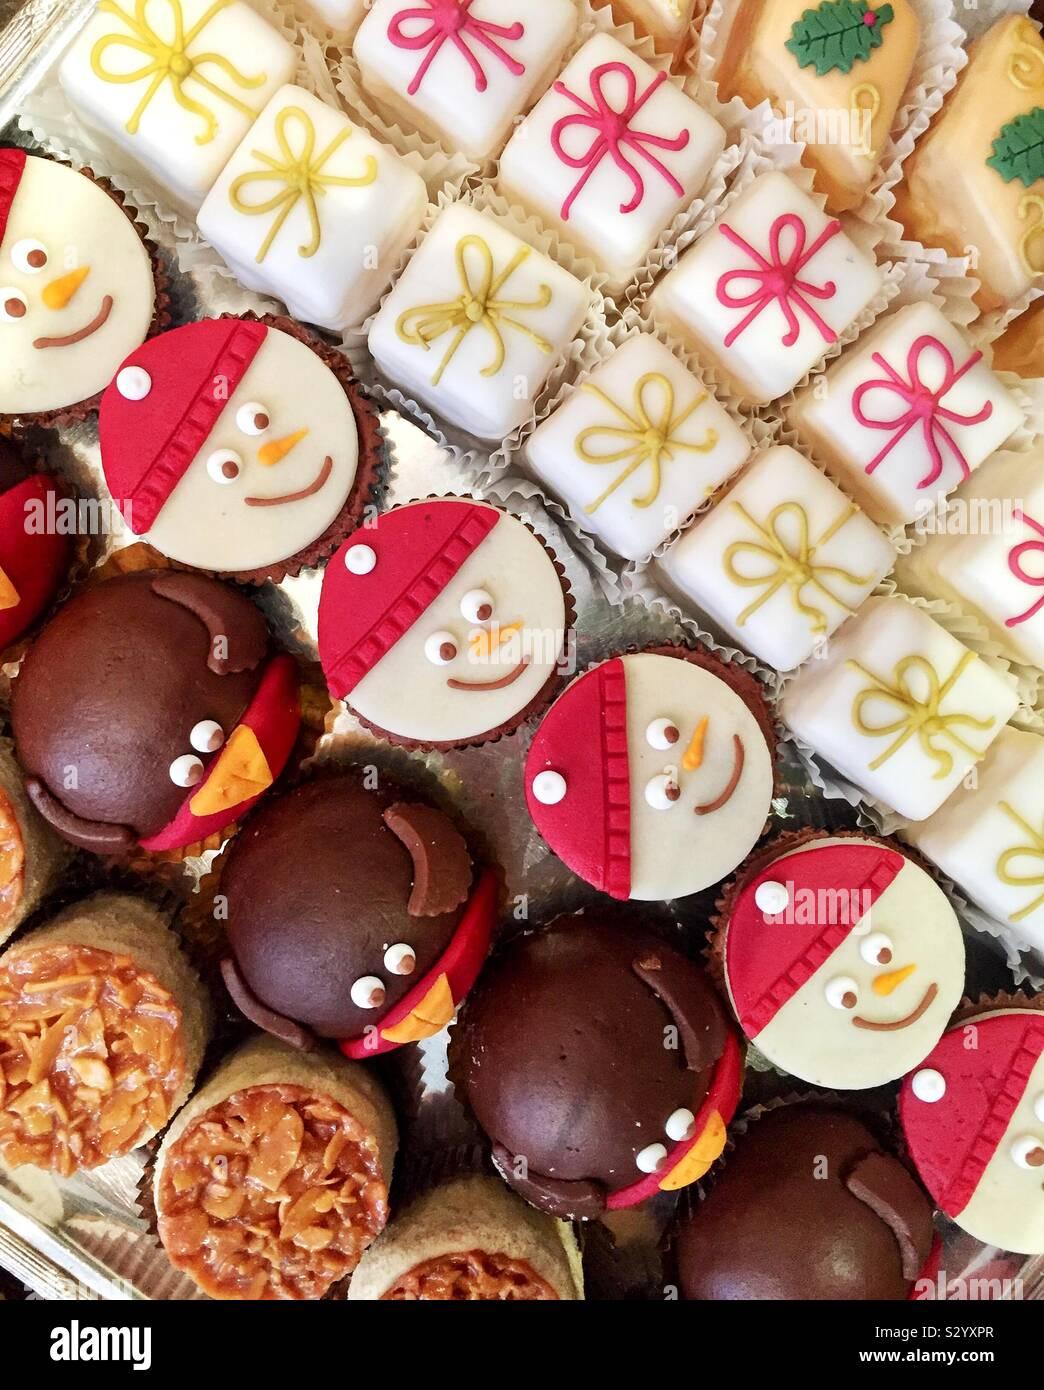 De haut en bas sur une grande variété de délicieux gâteaux et du fondant fantaisies dans une pâtisserie française qui sont décorées avec des décorations de Noël et copy space Banque D'Images